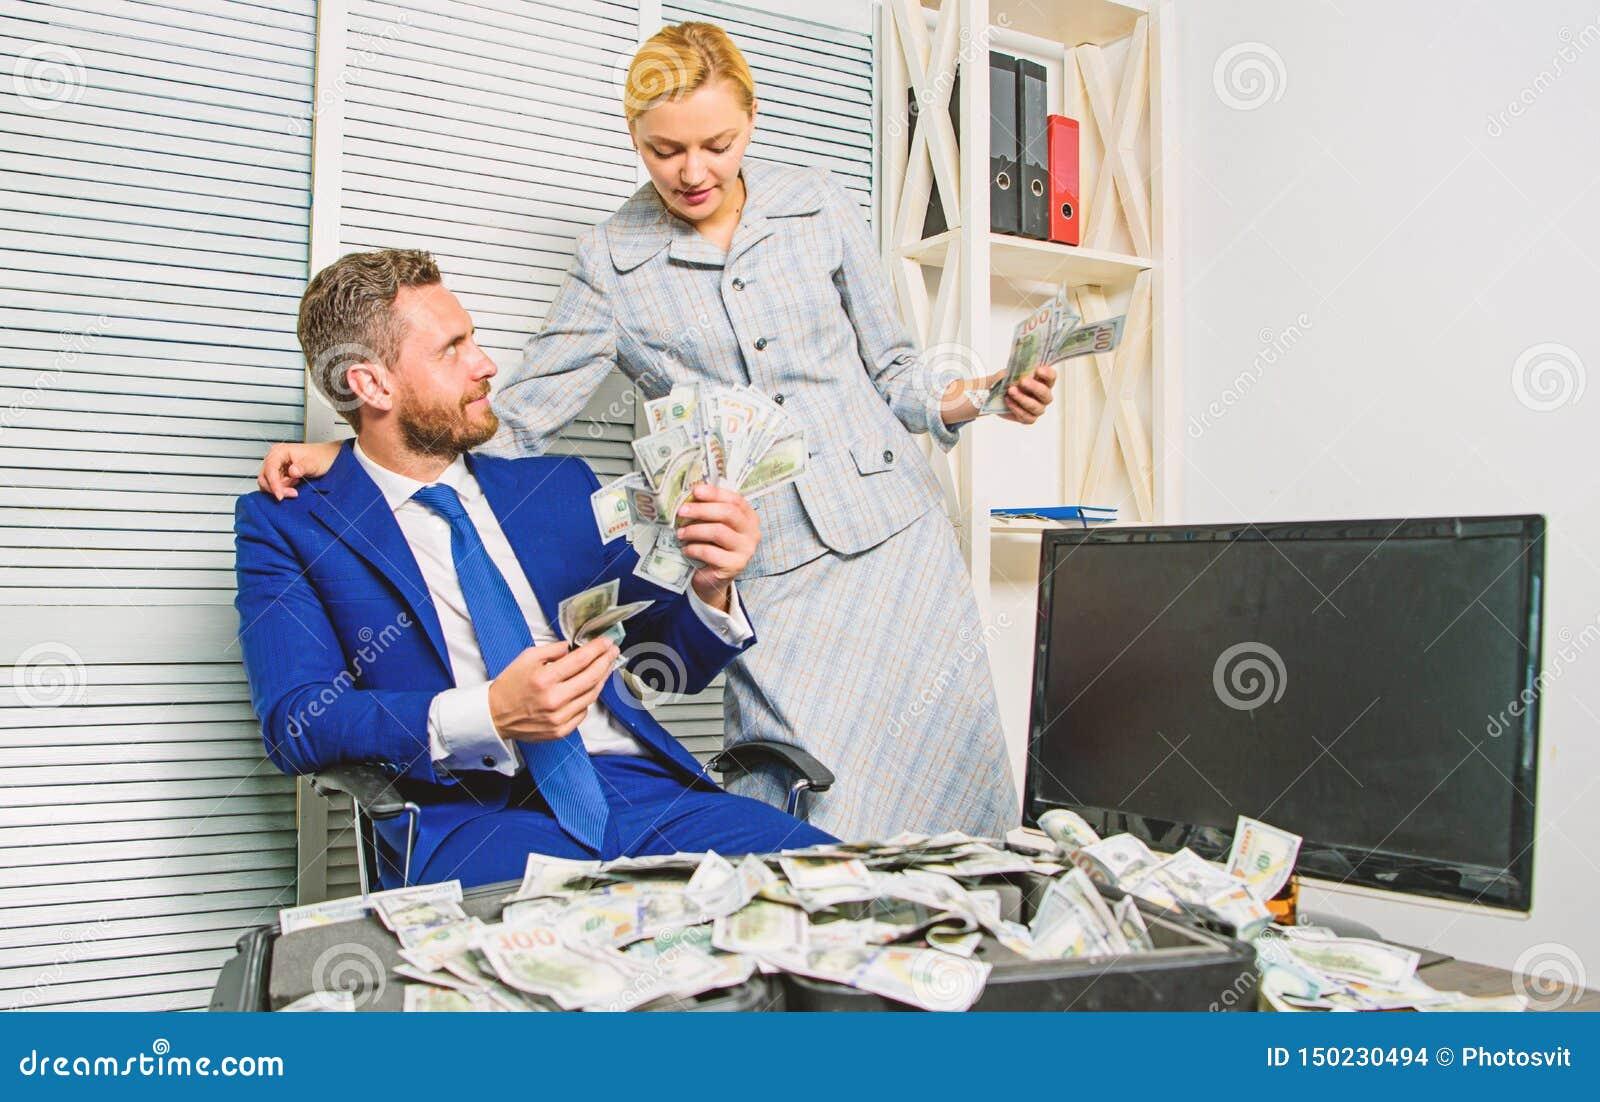 Contando o lucro do dinheiro Homem de neg?cios do homem e secret?rio da mulher com as c?dulas do d?lar da pilha Conceito do lucro